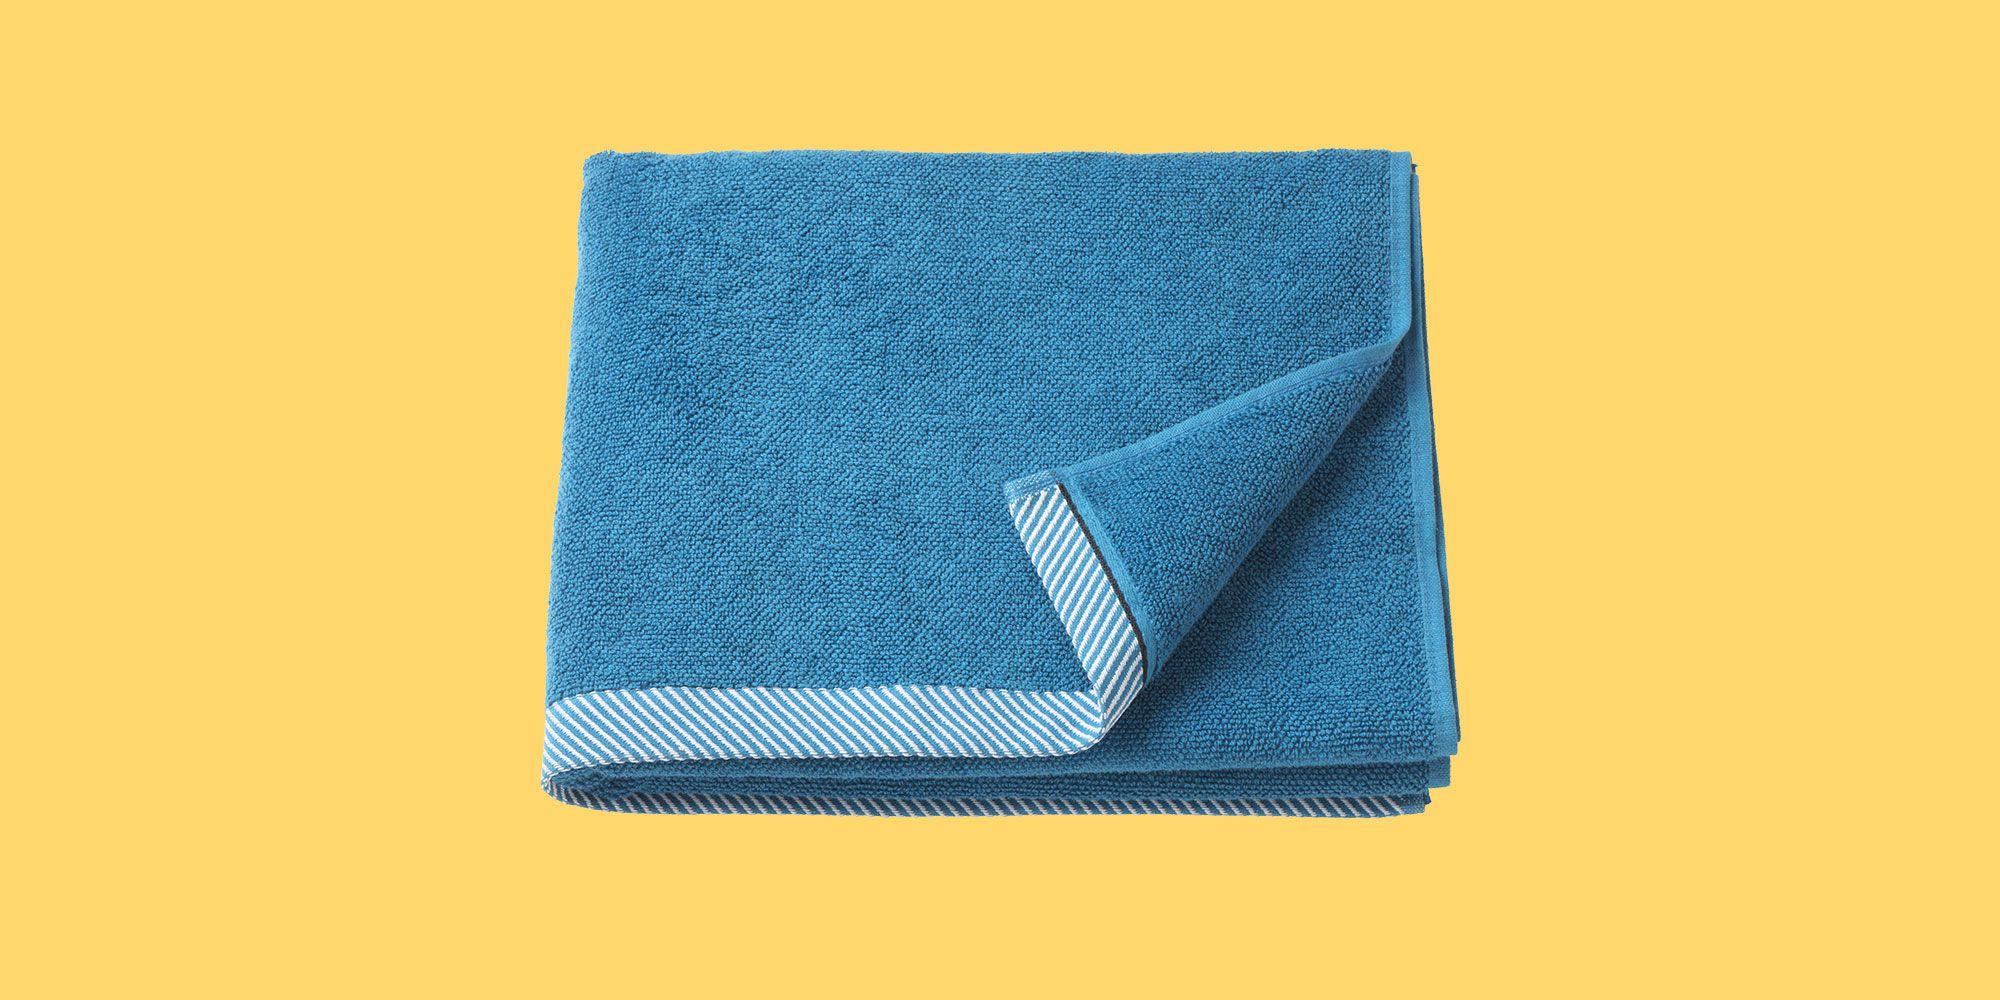 Ikea Vikfjard Bath Towel